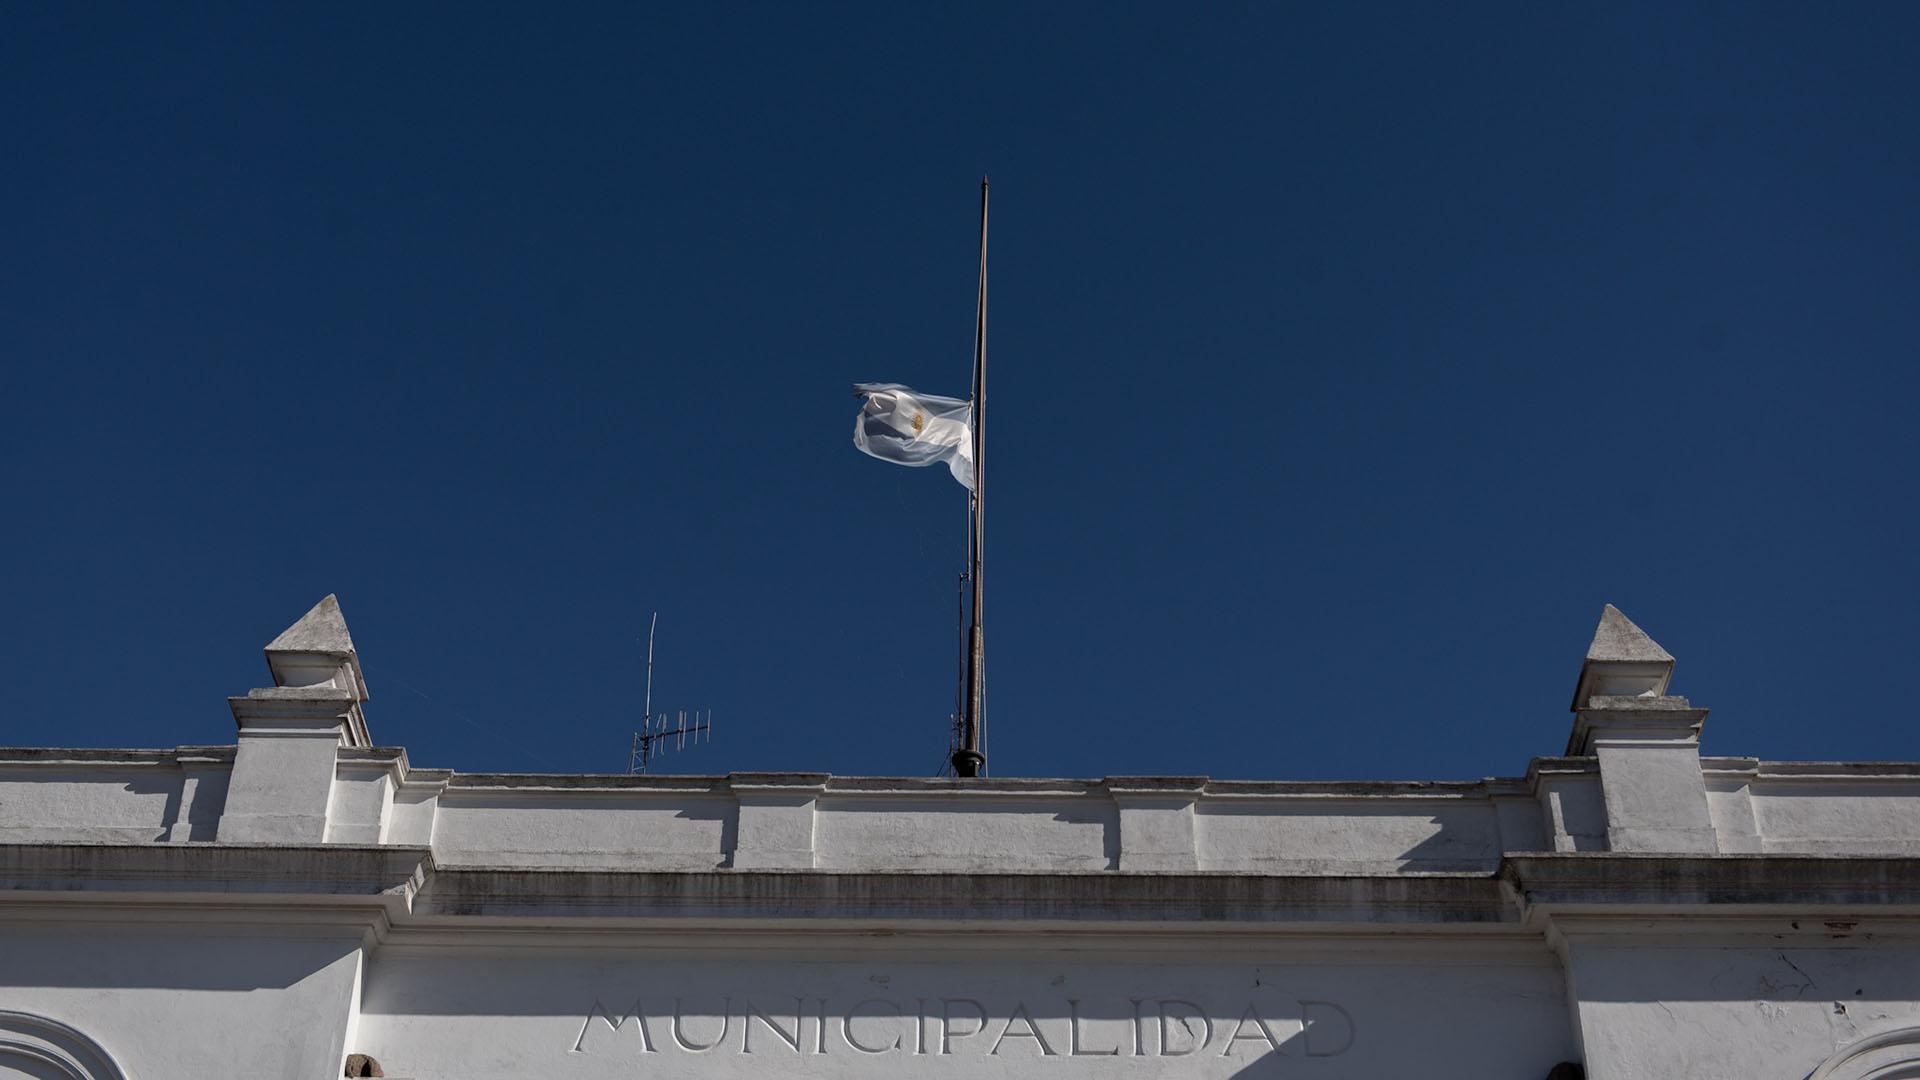 Sandra Mayol, la intendenta de San Miguel del Monte, decretó tres días de duelo. La bandera de la Municipalidad y de la comisaria se elevaron hasta media asta en símbolo del dolor por la pérdida de cuatro habitantes de la ciudad